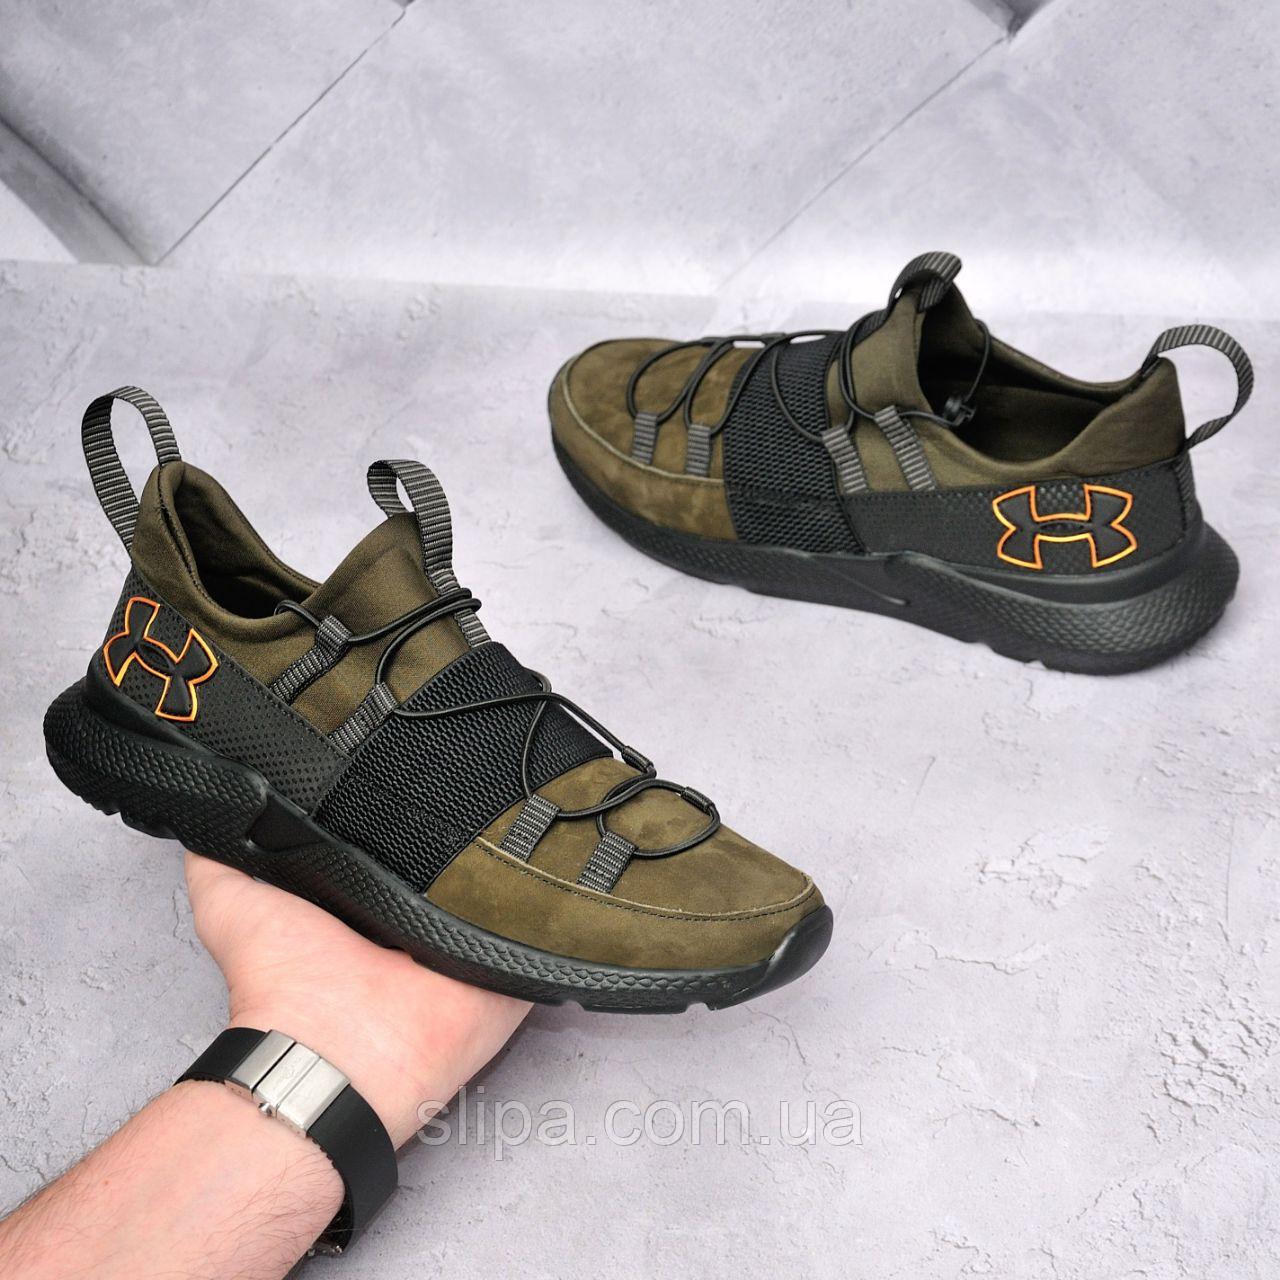 Шкіряні кросівки Under Armour кольору хакі на чорній підошві   нубук + термополиуретан